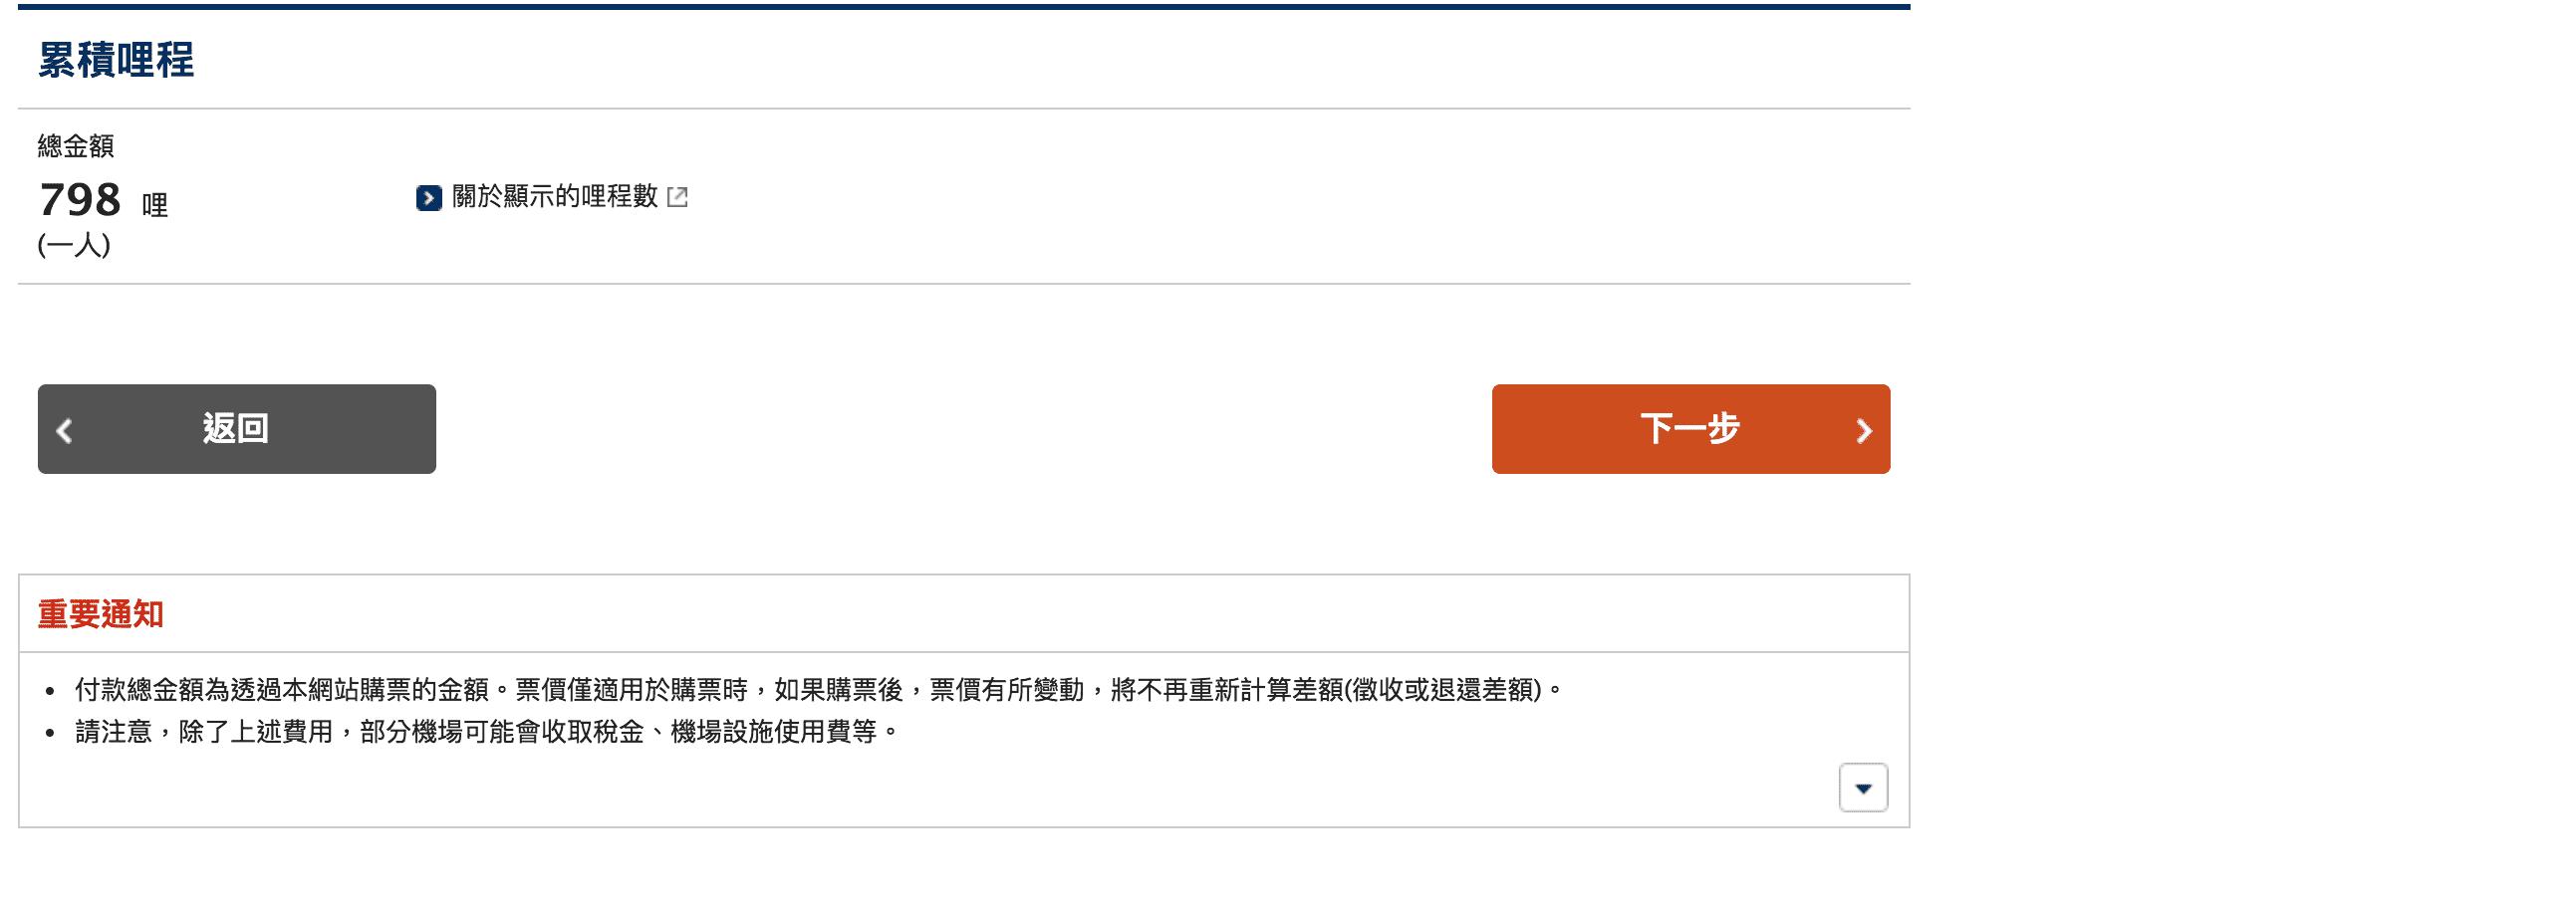 ANA二月特價,台北東京來回,9K起~(107.10.11)